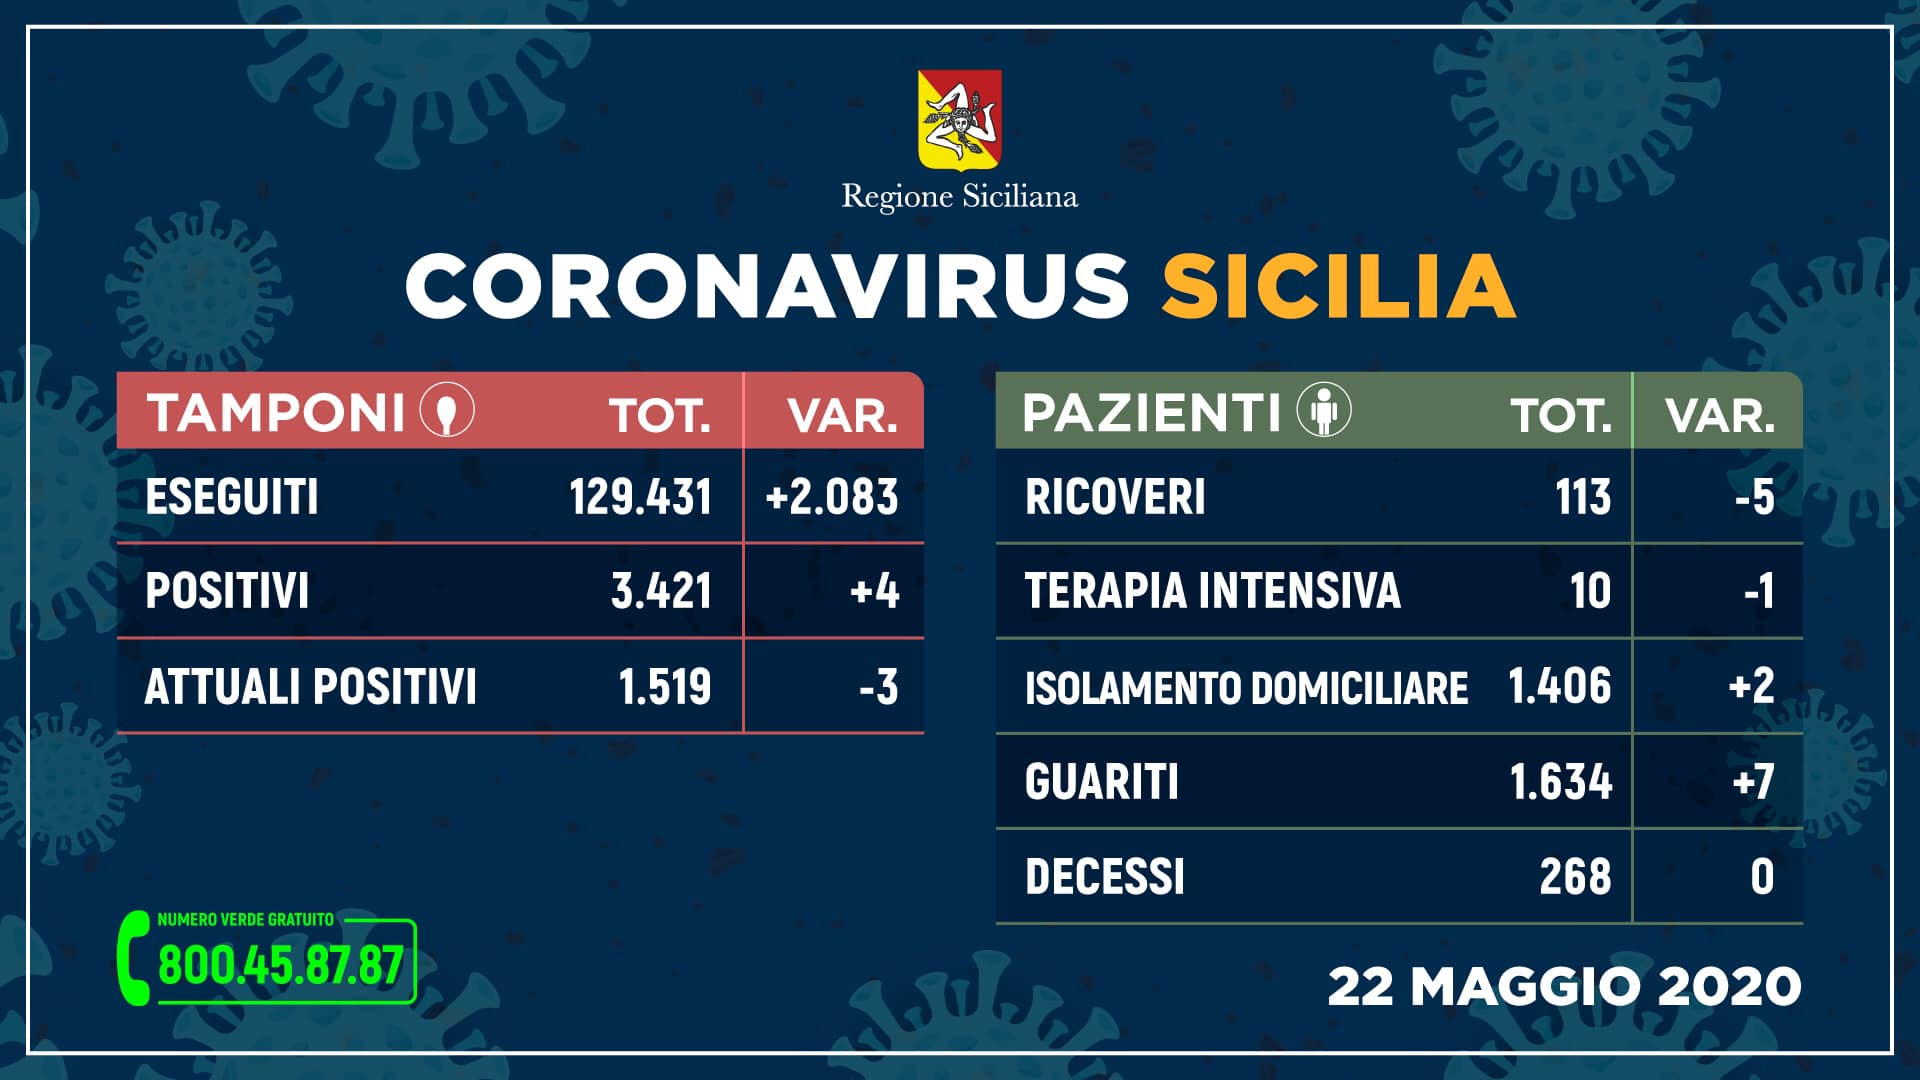 Regione Siciliana, i DATI sull'emergenza aggiornati: calano nuovi positivi, contagio zero più vicino